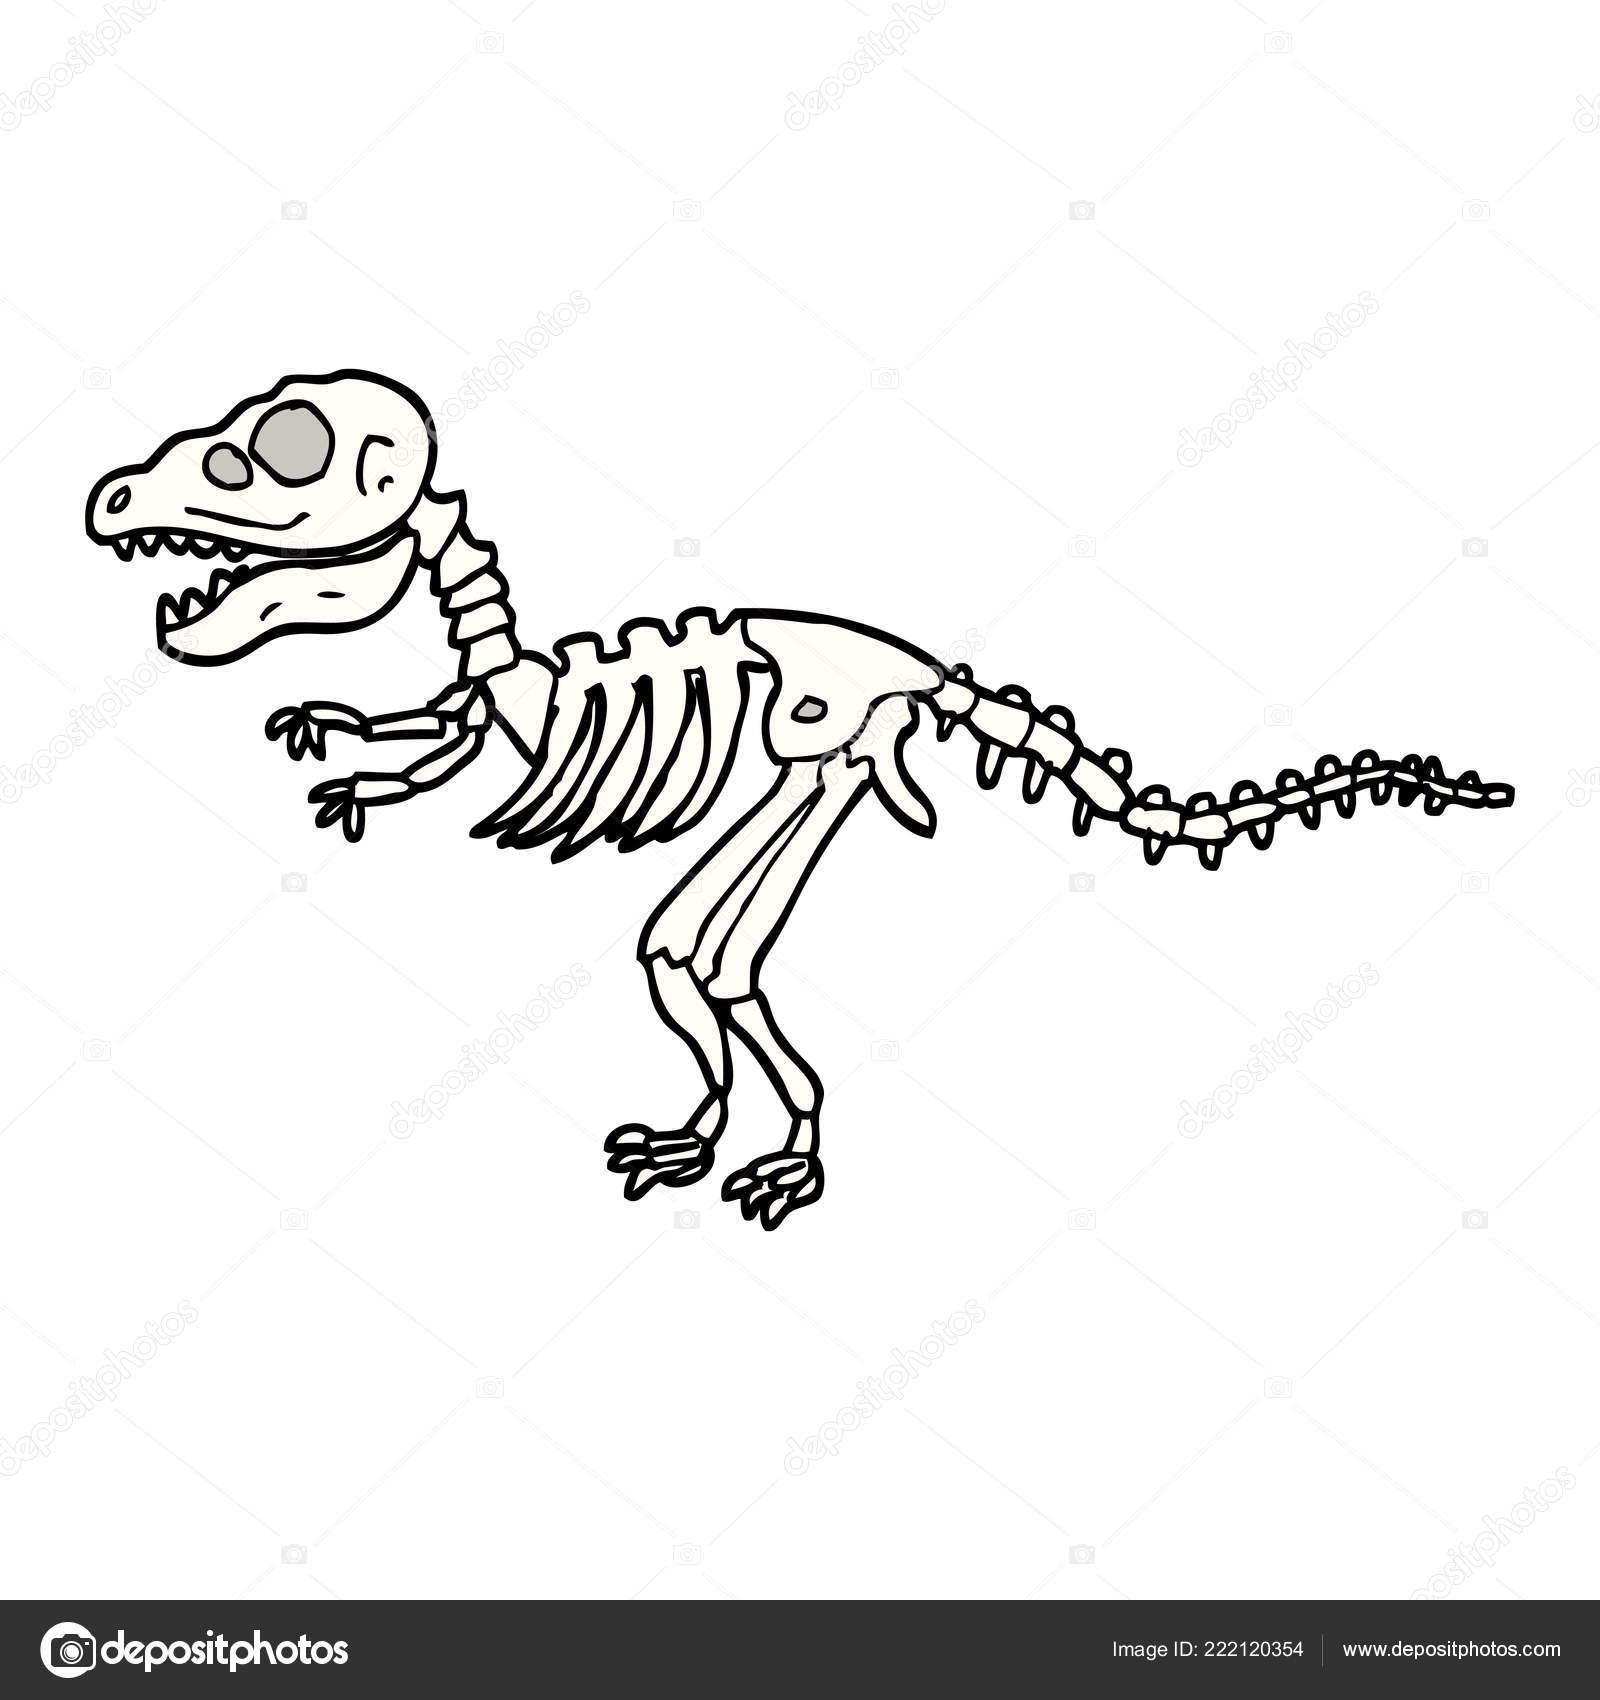 Mao Desenhada Doodle Estilo Dos Desenhos Animados Ossos Dinossauro